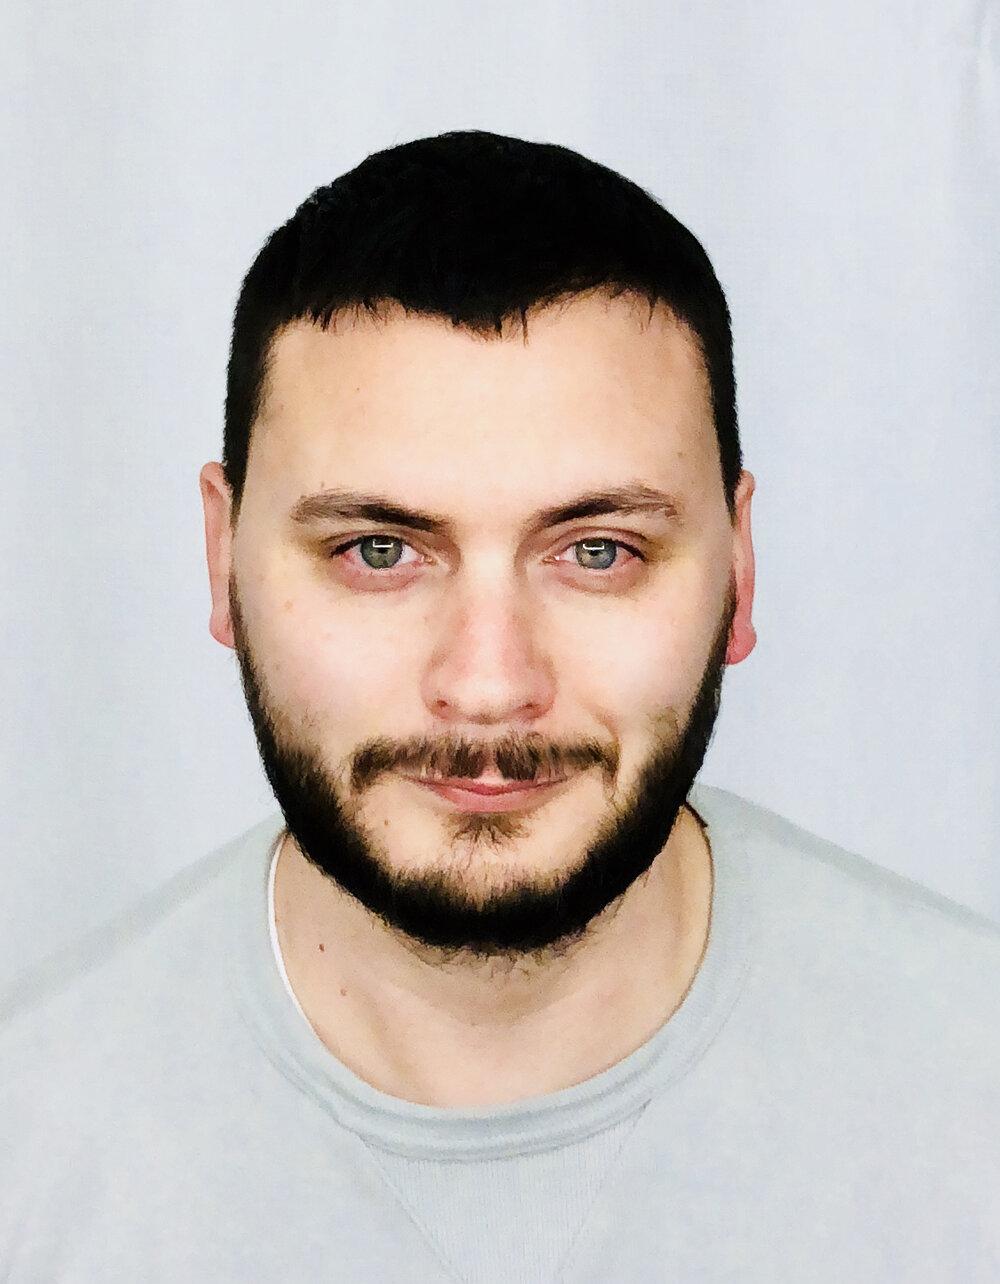 Daniel Zimmerman